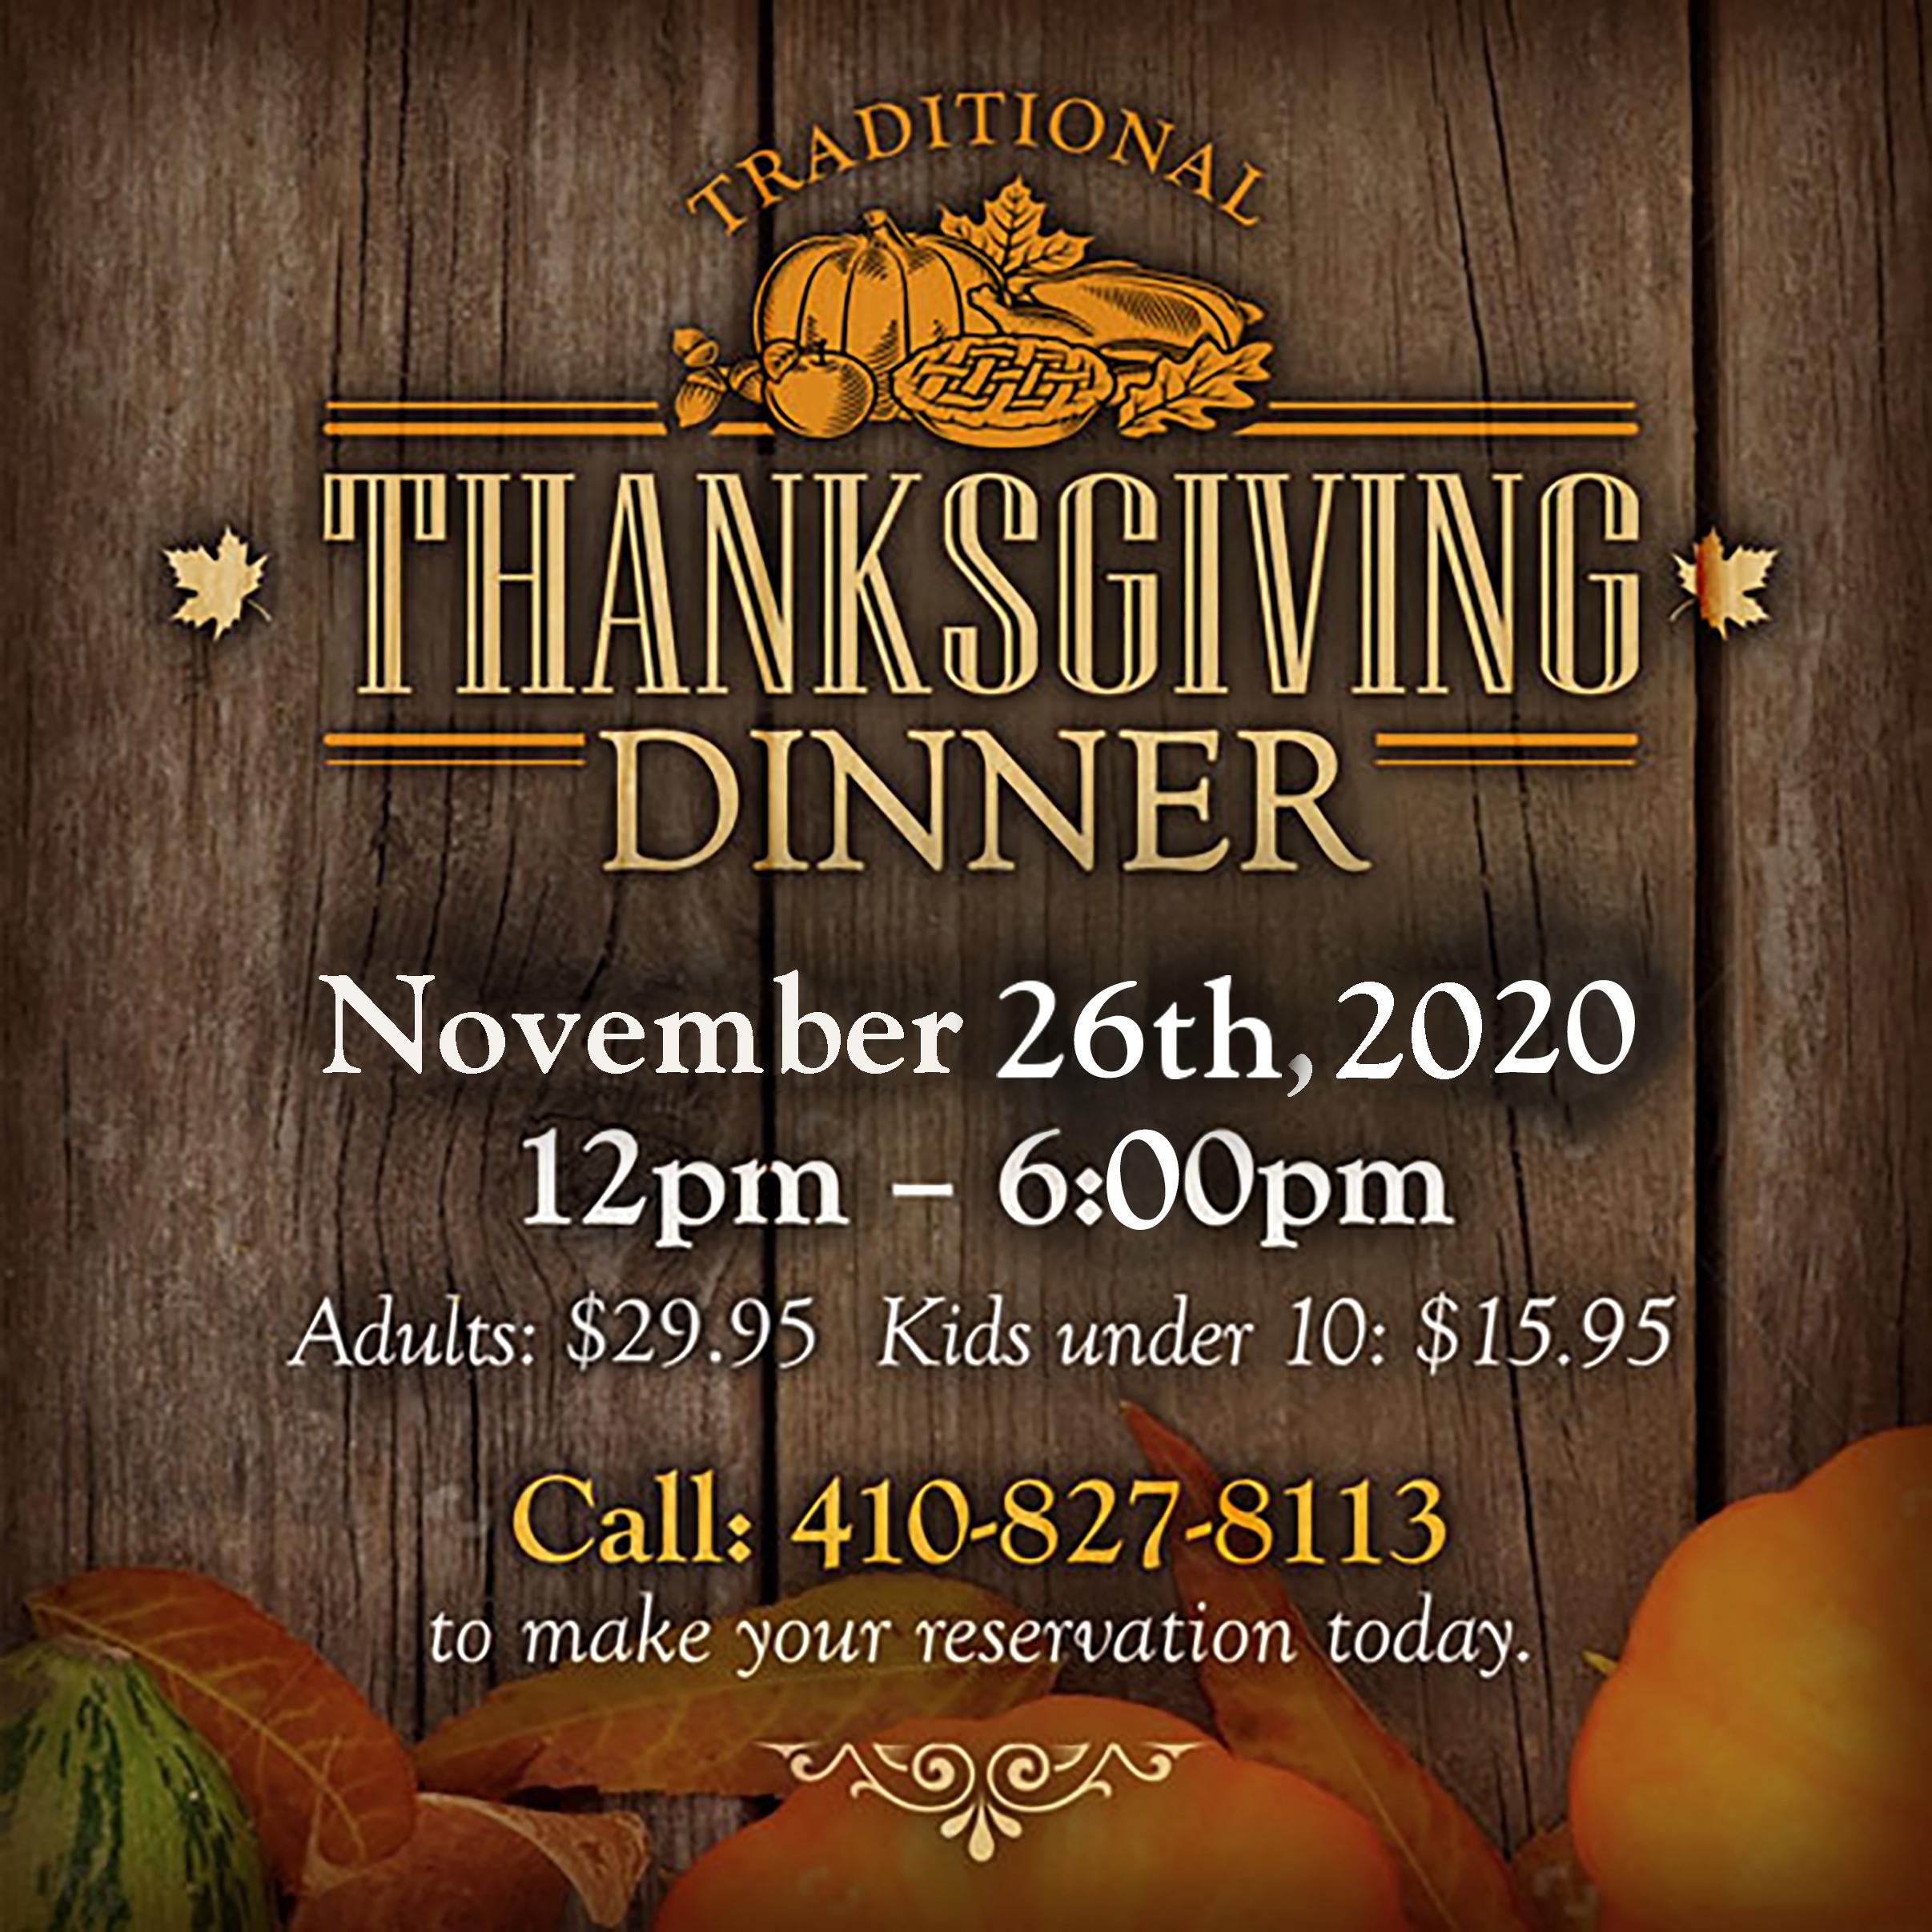 2020 Thanksgiving at The Narrows